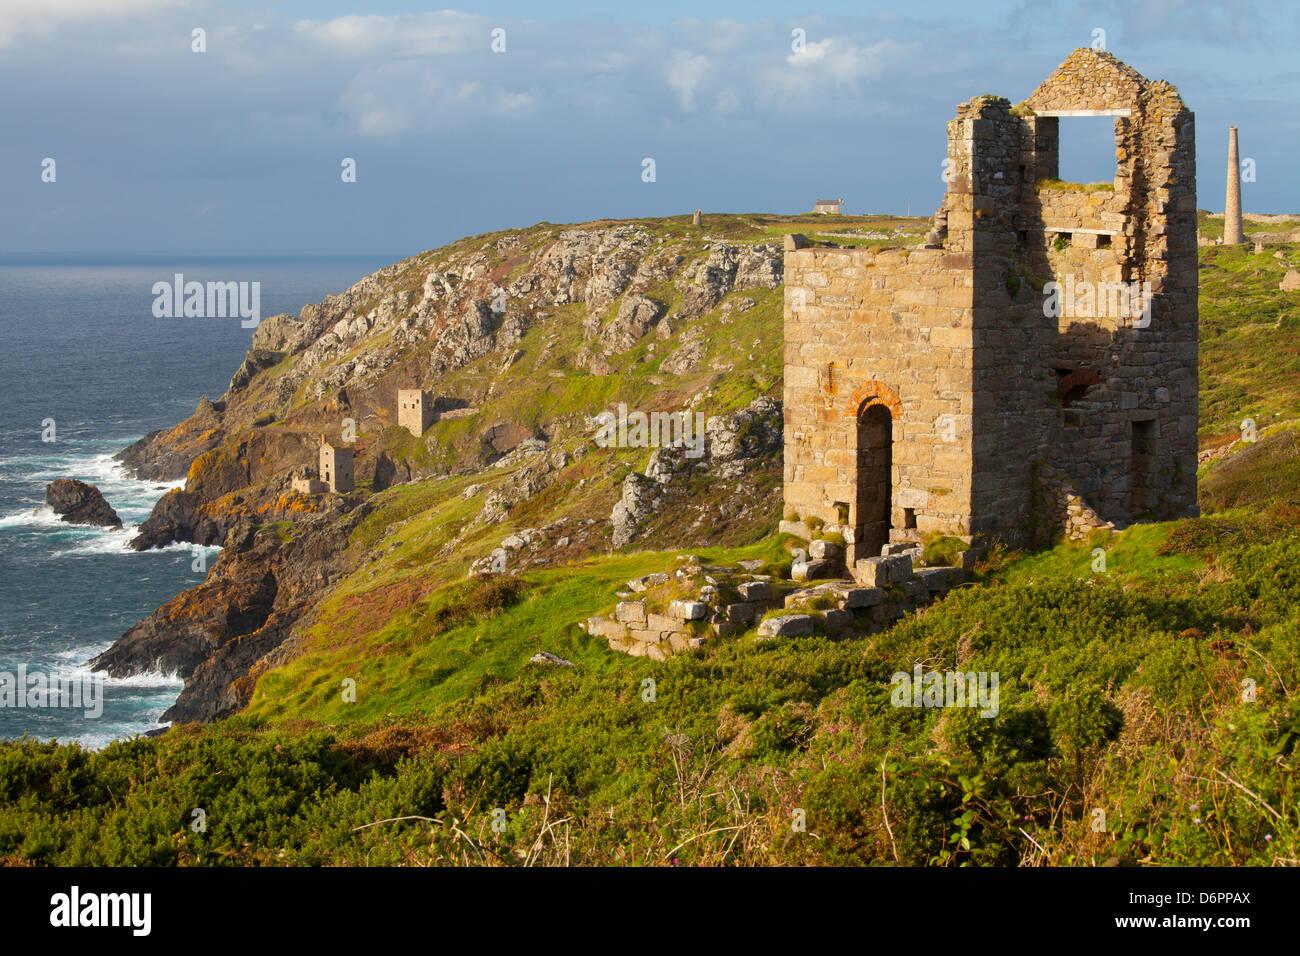 Abandoned Tin Mine near Botallack, UNESCO World Heritage Site, and rocky coast, Cornwall, England, United Kingdom, - Stock Image